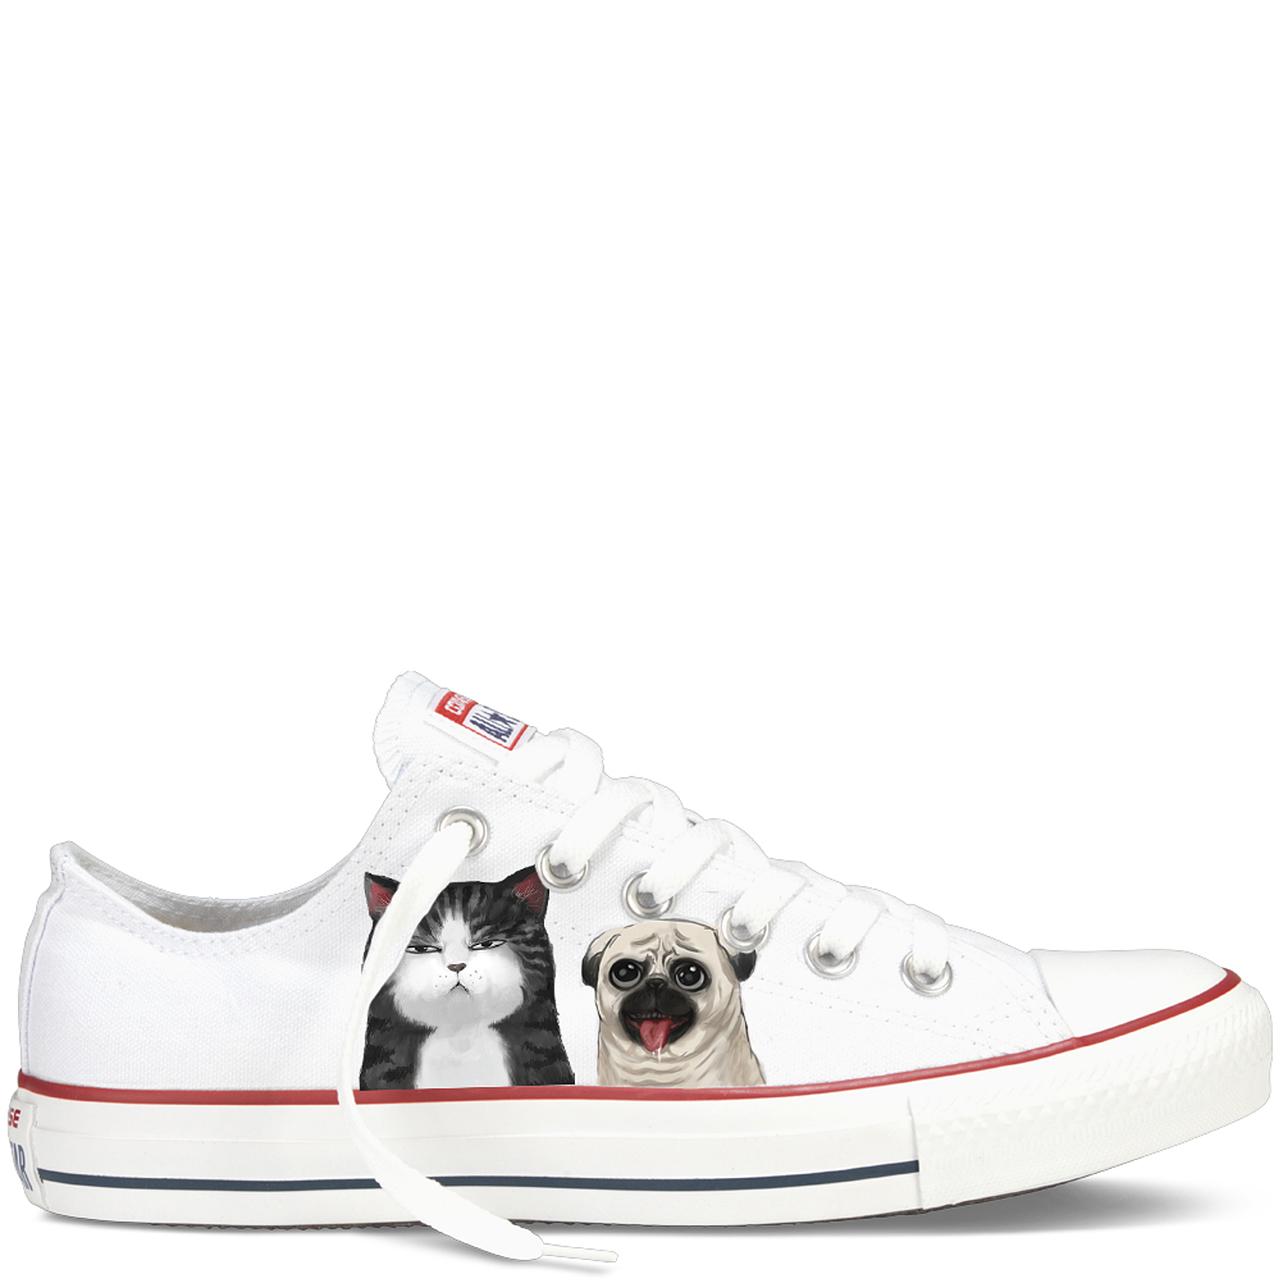 Cats Dog Shoes - Free photo on Pixabay